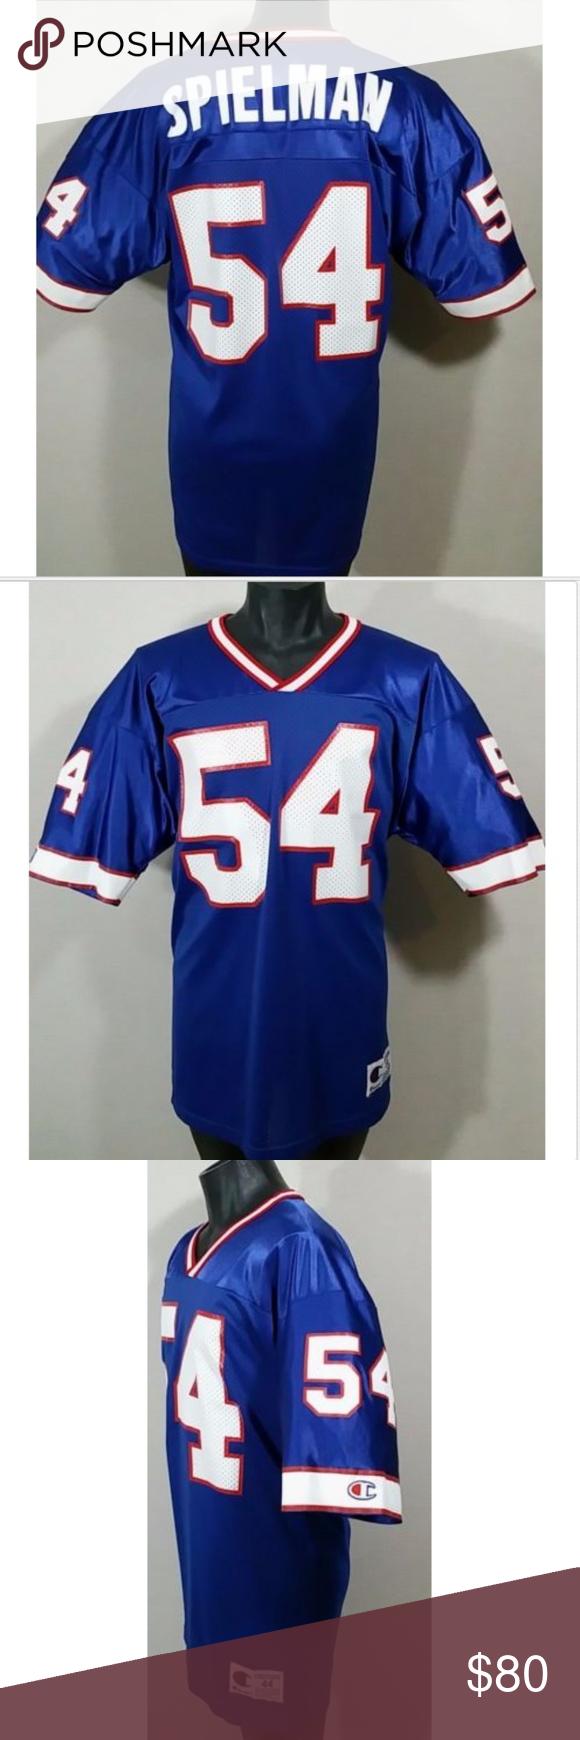 f3048373d 90s Buffalo Bills Chris Spielman Football Jersey